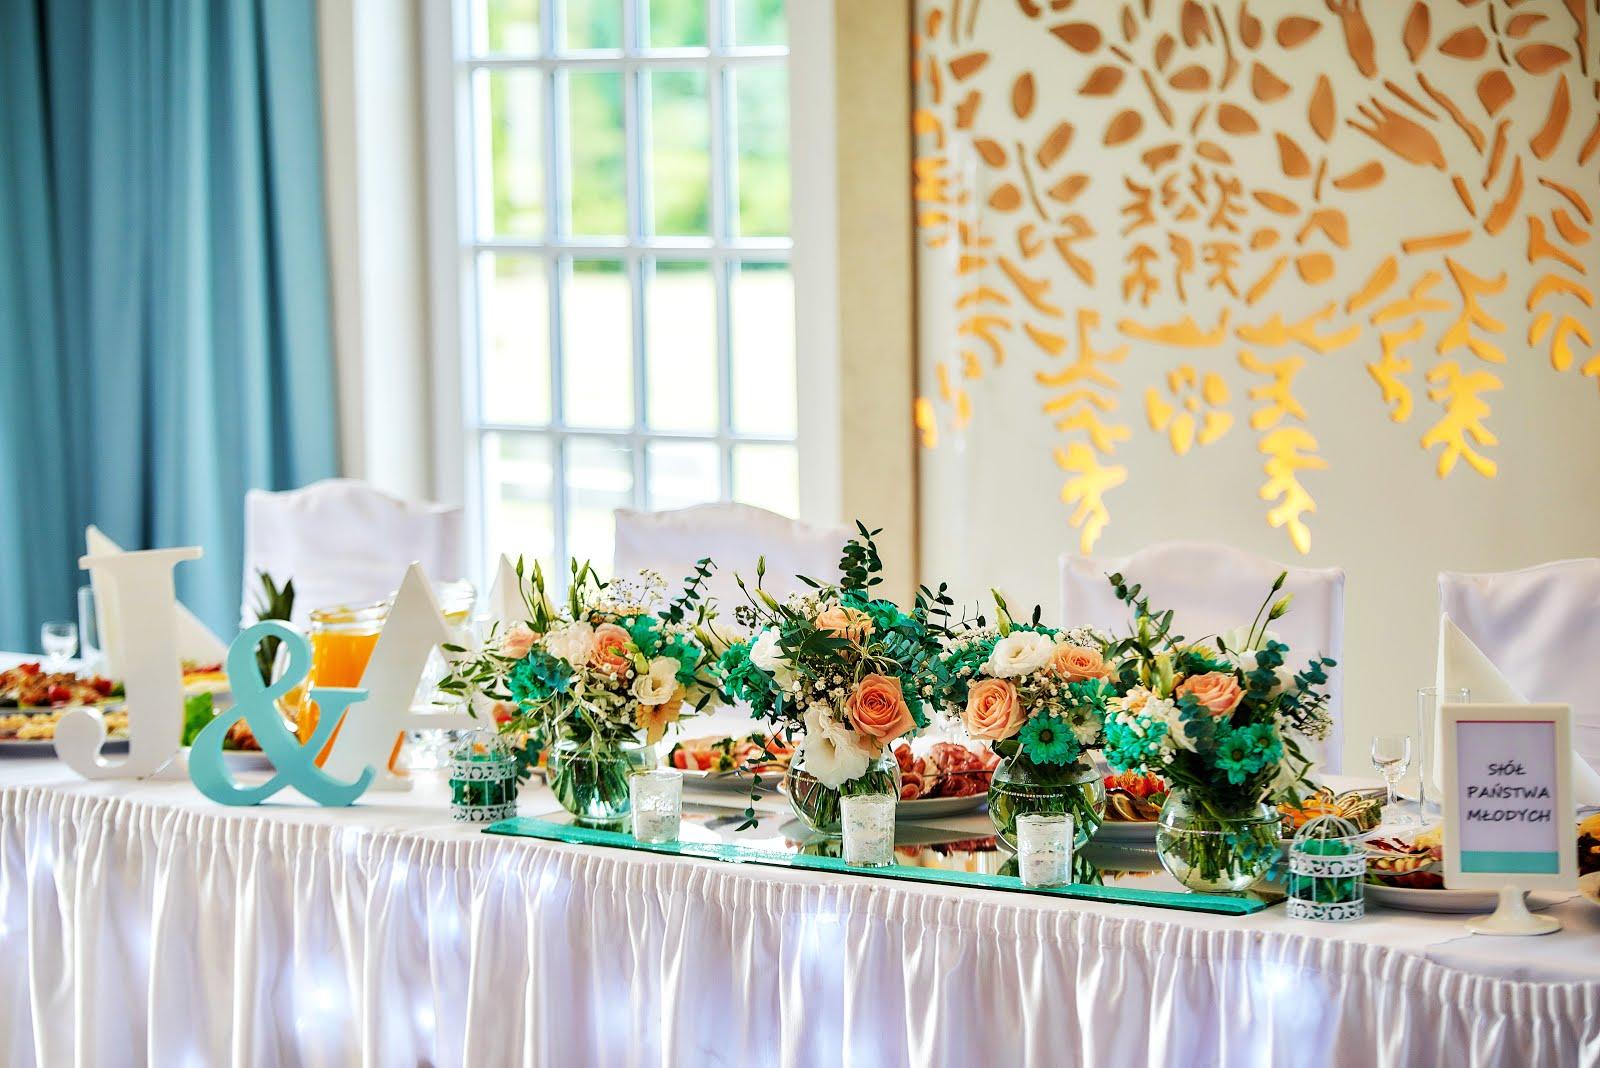 Seria Ślubna | romantyczna, delikatna dekoracja sali | kolor przewodni: miętowy